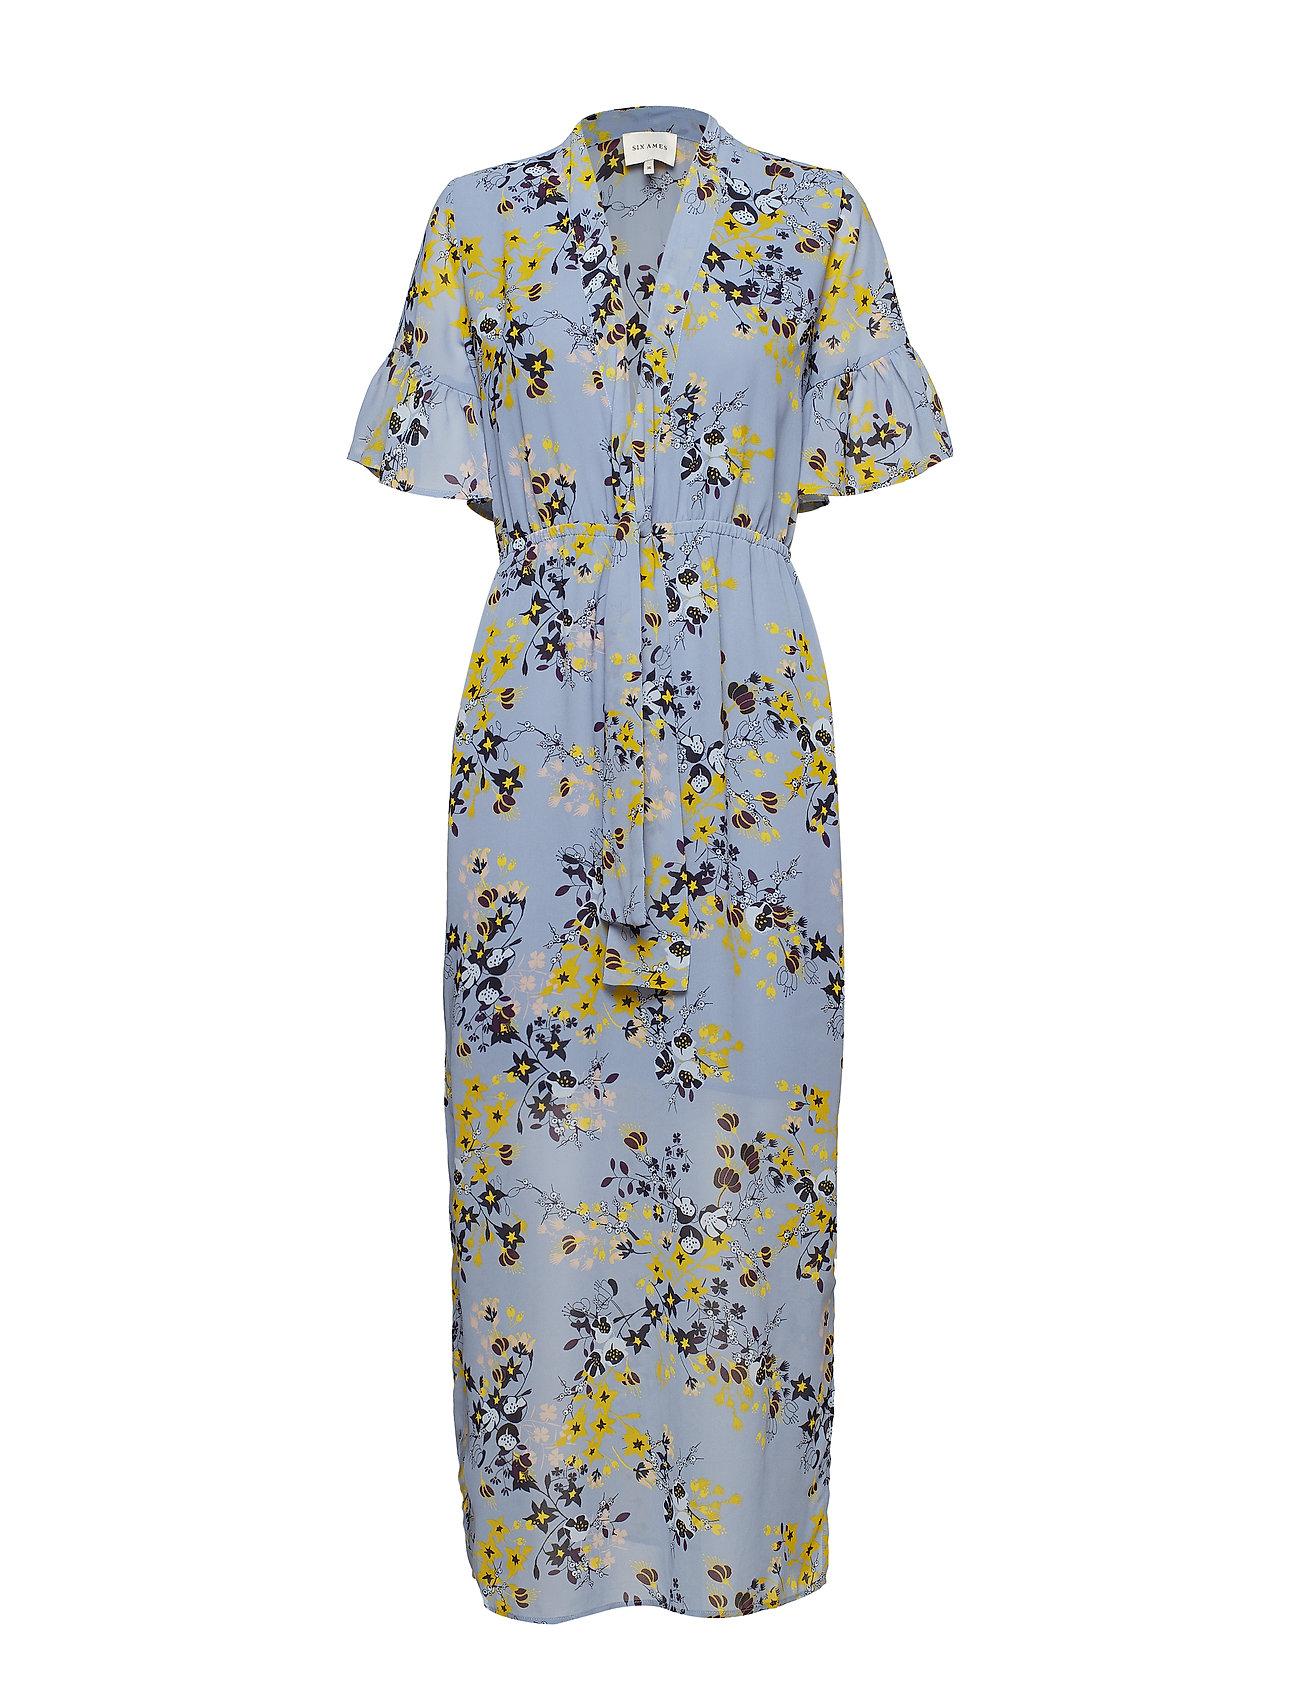 Six Ames DELPHINE - BLUE FLOWER FIELD